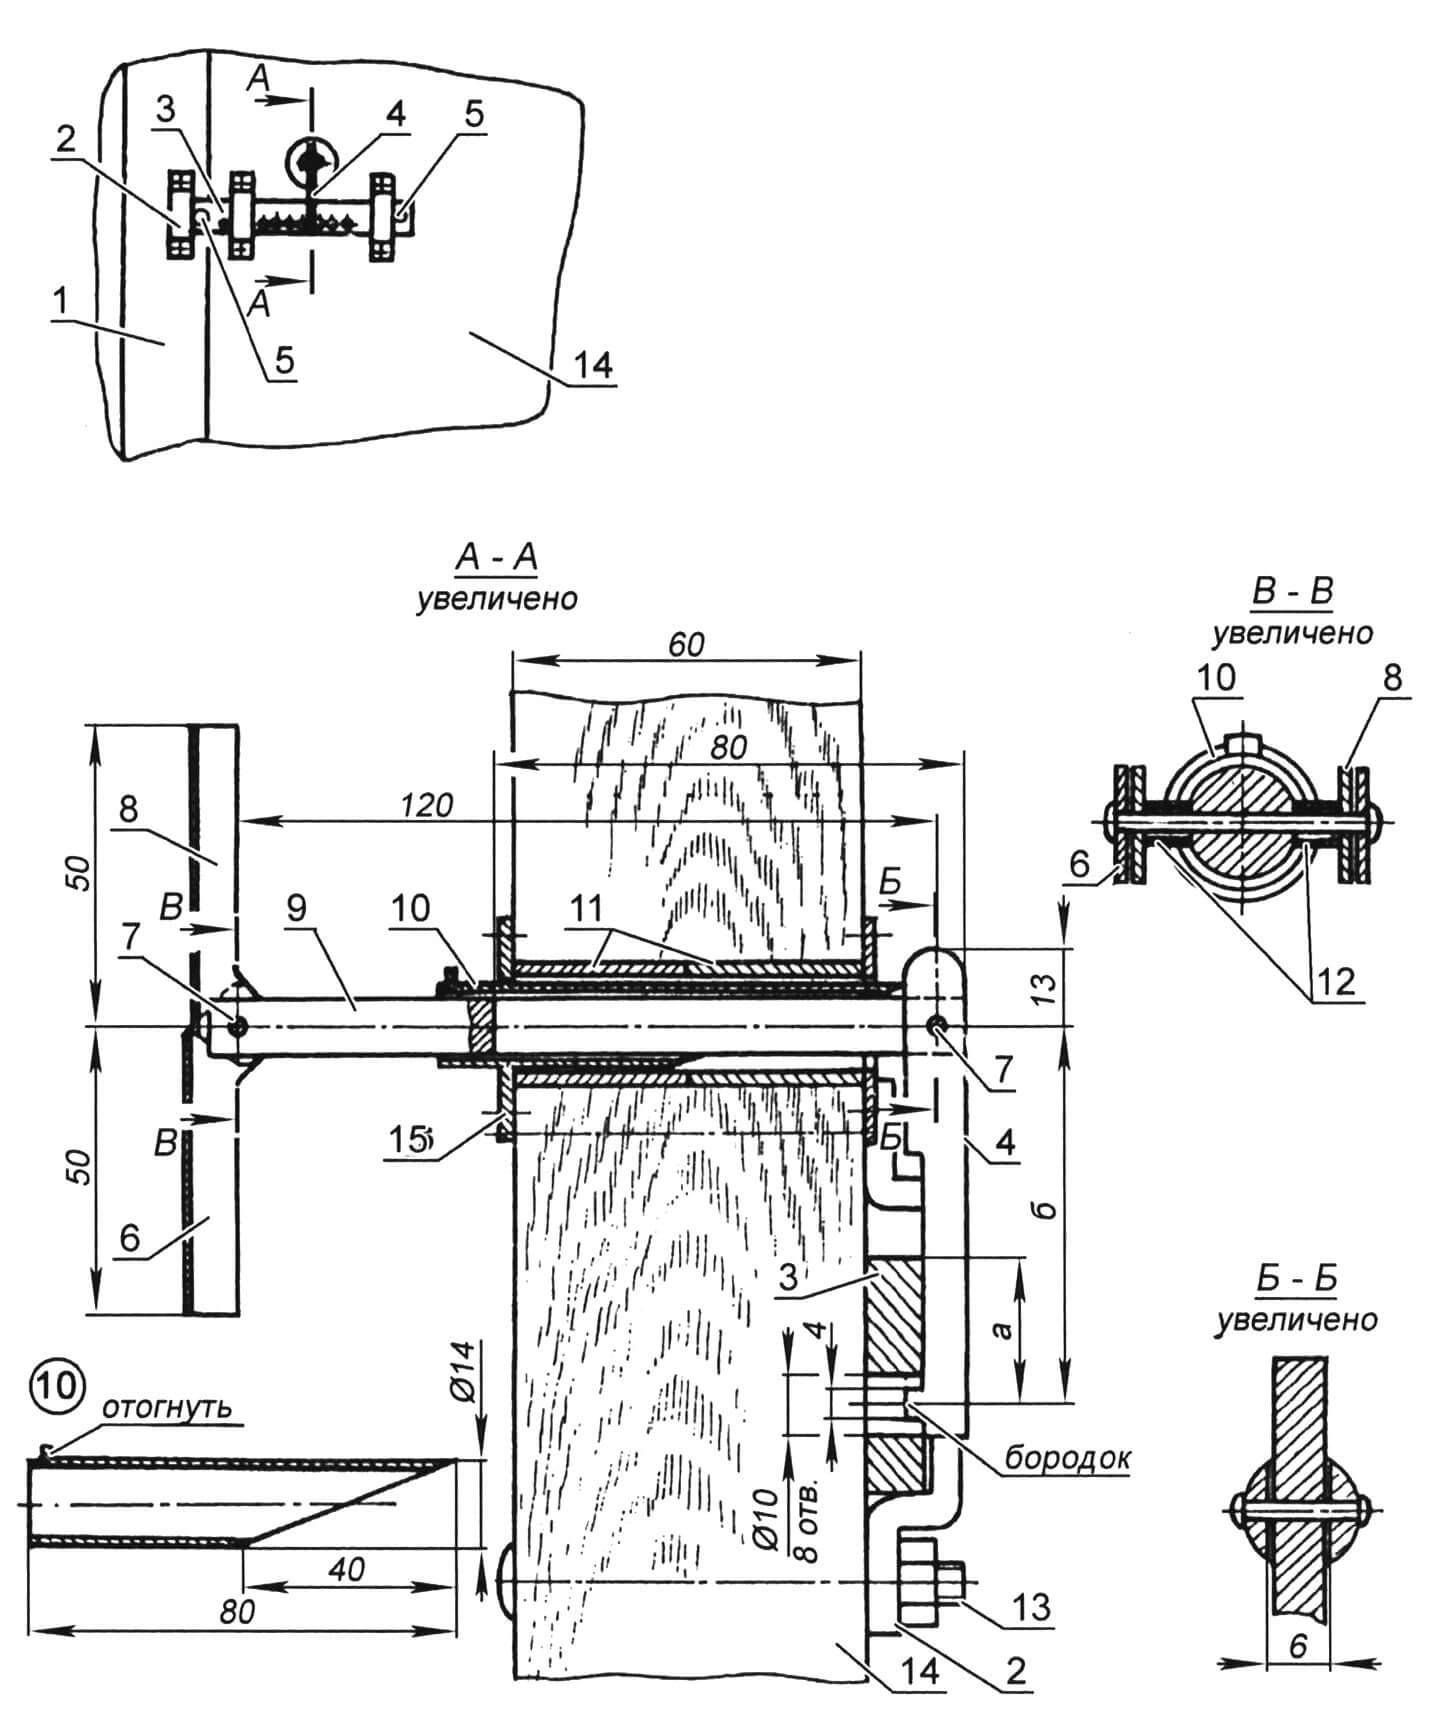 Общий вид самодельного замка повышенной секретности (все детали выполнены из стали Х18Н9Т): 1 - косяк дверной; 2 - скоба (полоса 40x5 мм, 3 шт.); 3 - щеколда (полоса 40x10 мм); 4 - язычок ключа (полоса 10x4 мм); 5 - ограничители хода; 6 - рычаг ключа нижний (труба ᴓ22x2 мм, L58); 7 - оси (пруток ᴓ3 мм, 2 шт.); 8 - рычаг ключа верхний (труба ᴓ18x1,4 мм, L58); 9 - шток ключа (пруток ᴓ10 мм); 10 - движок; 11 - втулки дверной скважины (труба ᴓ16x1 мм); 12 - втулки шарнира (труба ᴓ6x1 мм); 13- болт М8; 14-дверь; 15-накладка (лист s2, 2 шт.); «а» и «б» - секретные размеры